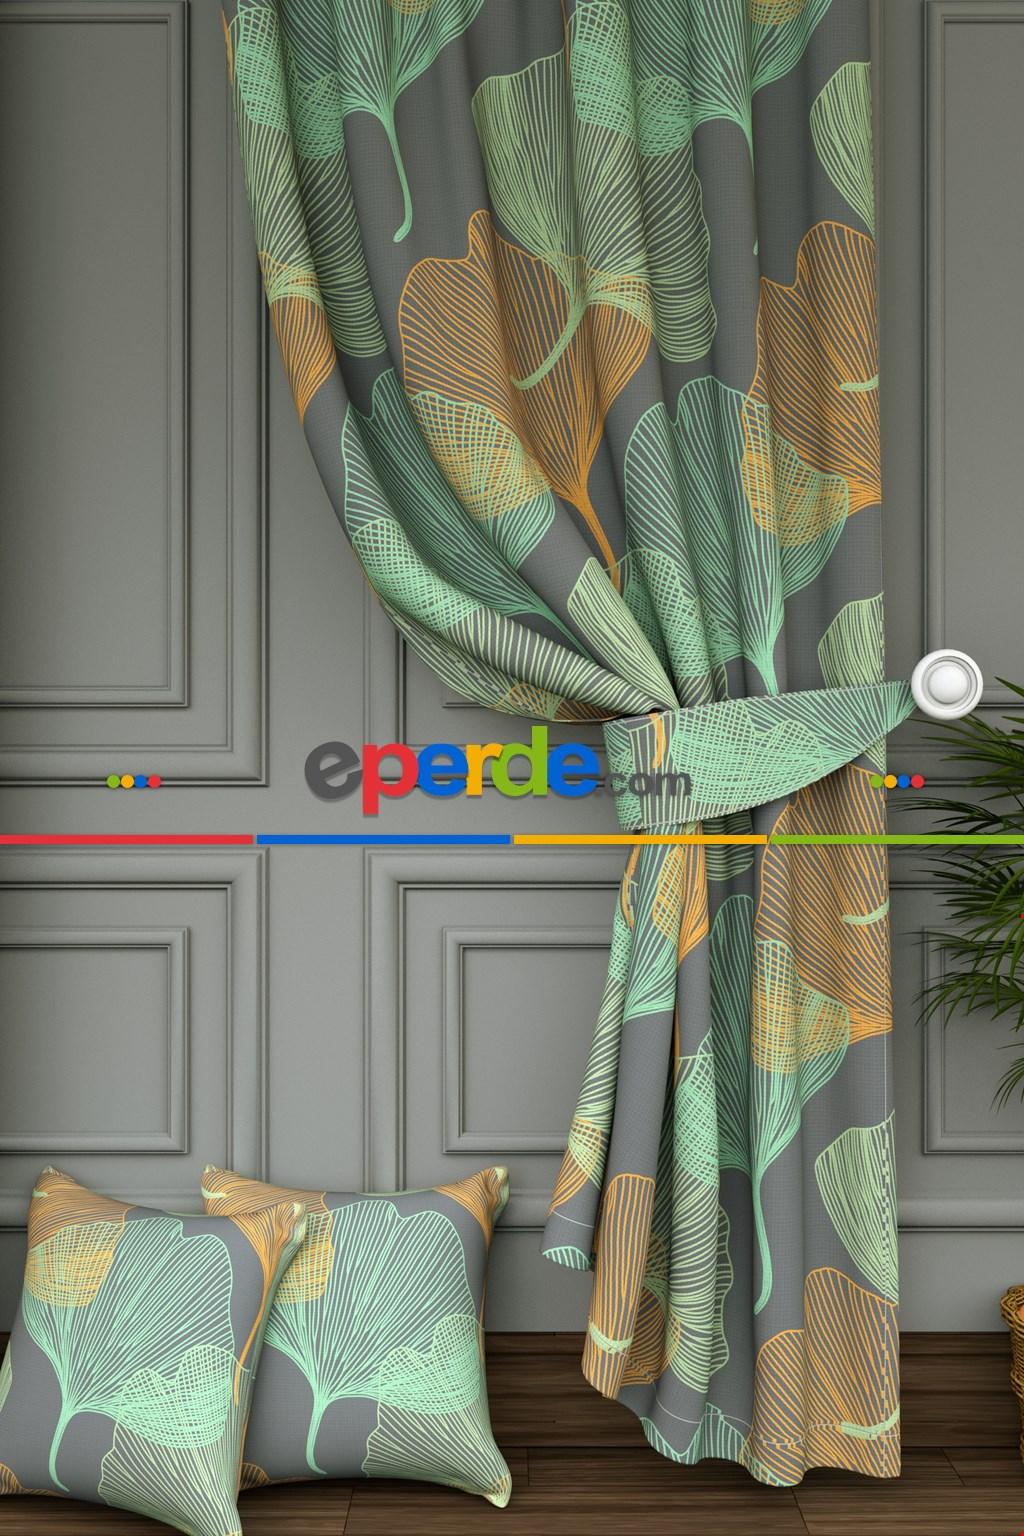 Salon - Tropikal Çizgili Yaprak Desenli Baskılı Fon Perde- Yeşil-gri-füme-antrasit-turuncu